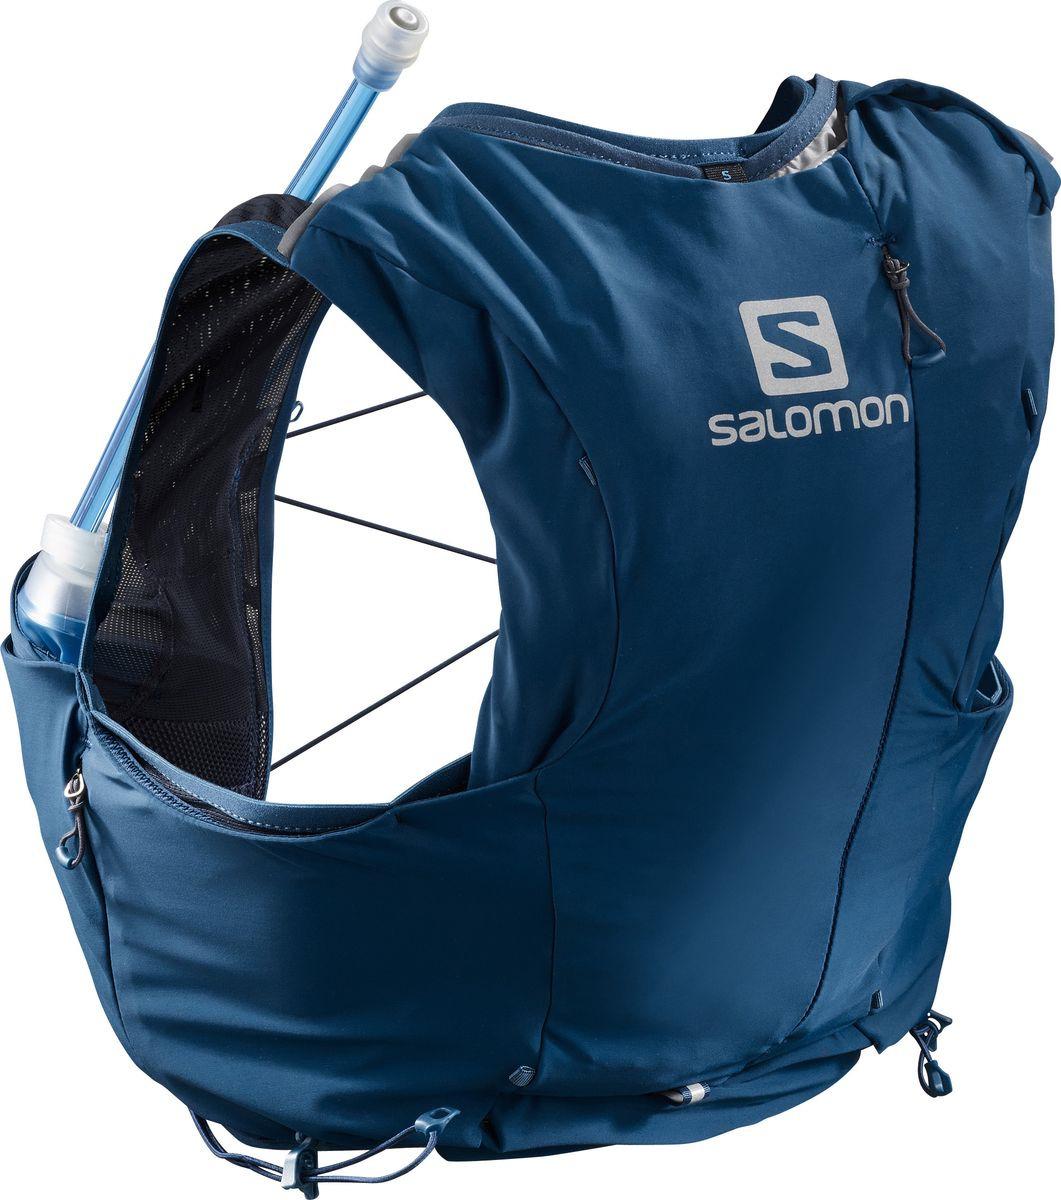 Рюкзак Salomon Advanced Skin 8 Set W, LC1048600, синий, размер M